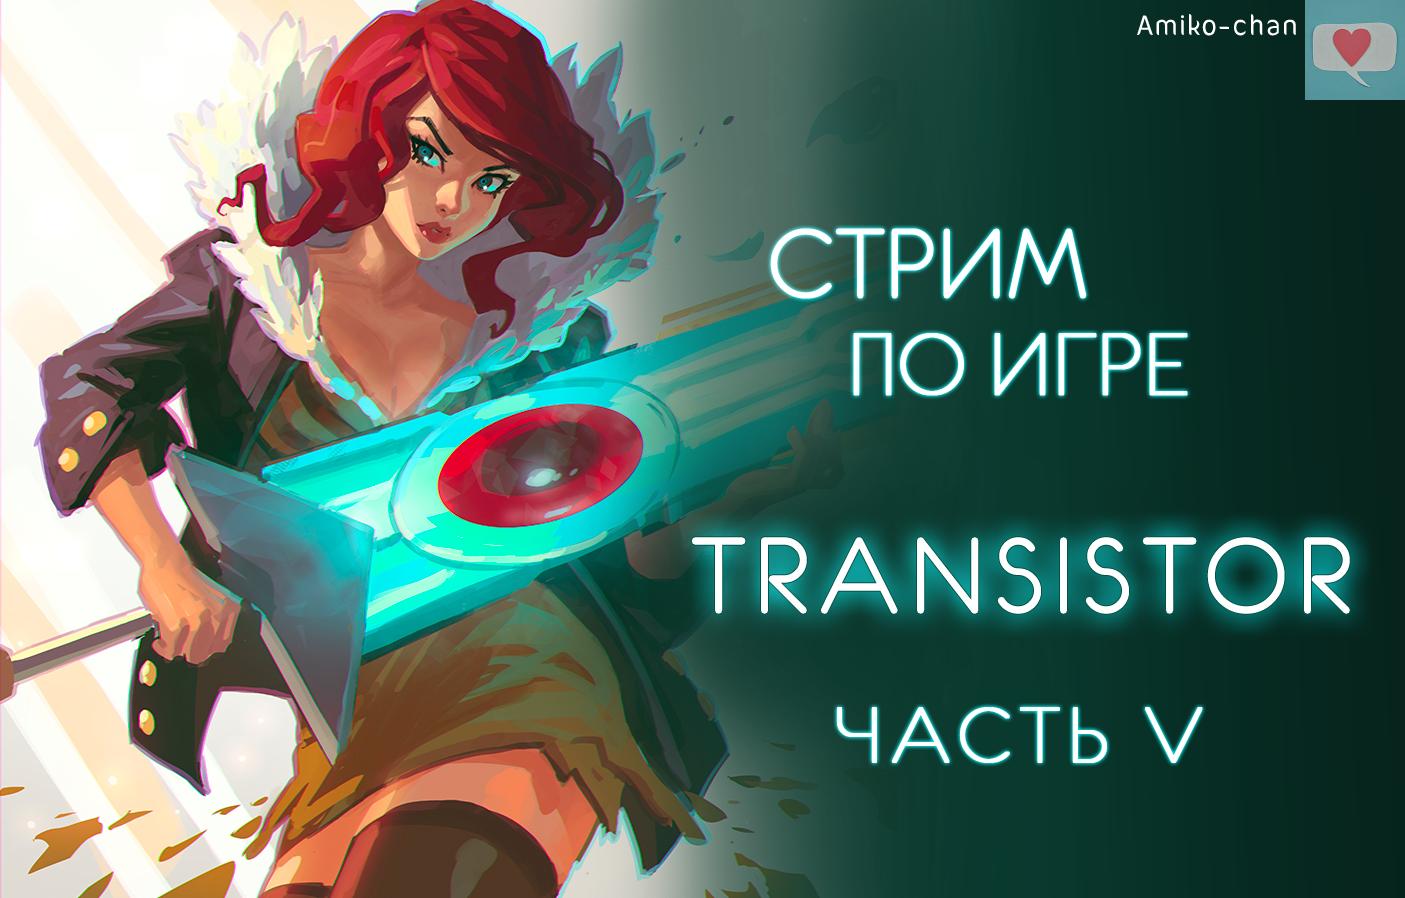 Стрим по Transistor - Изображение 1